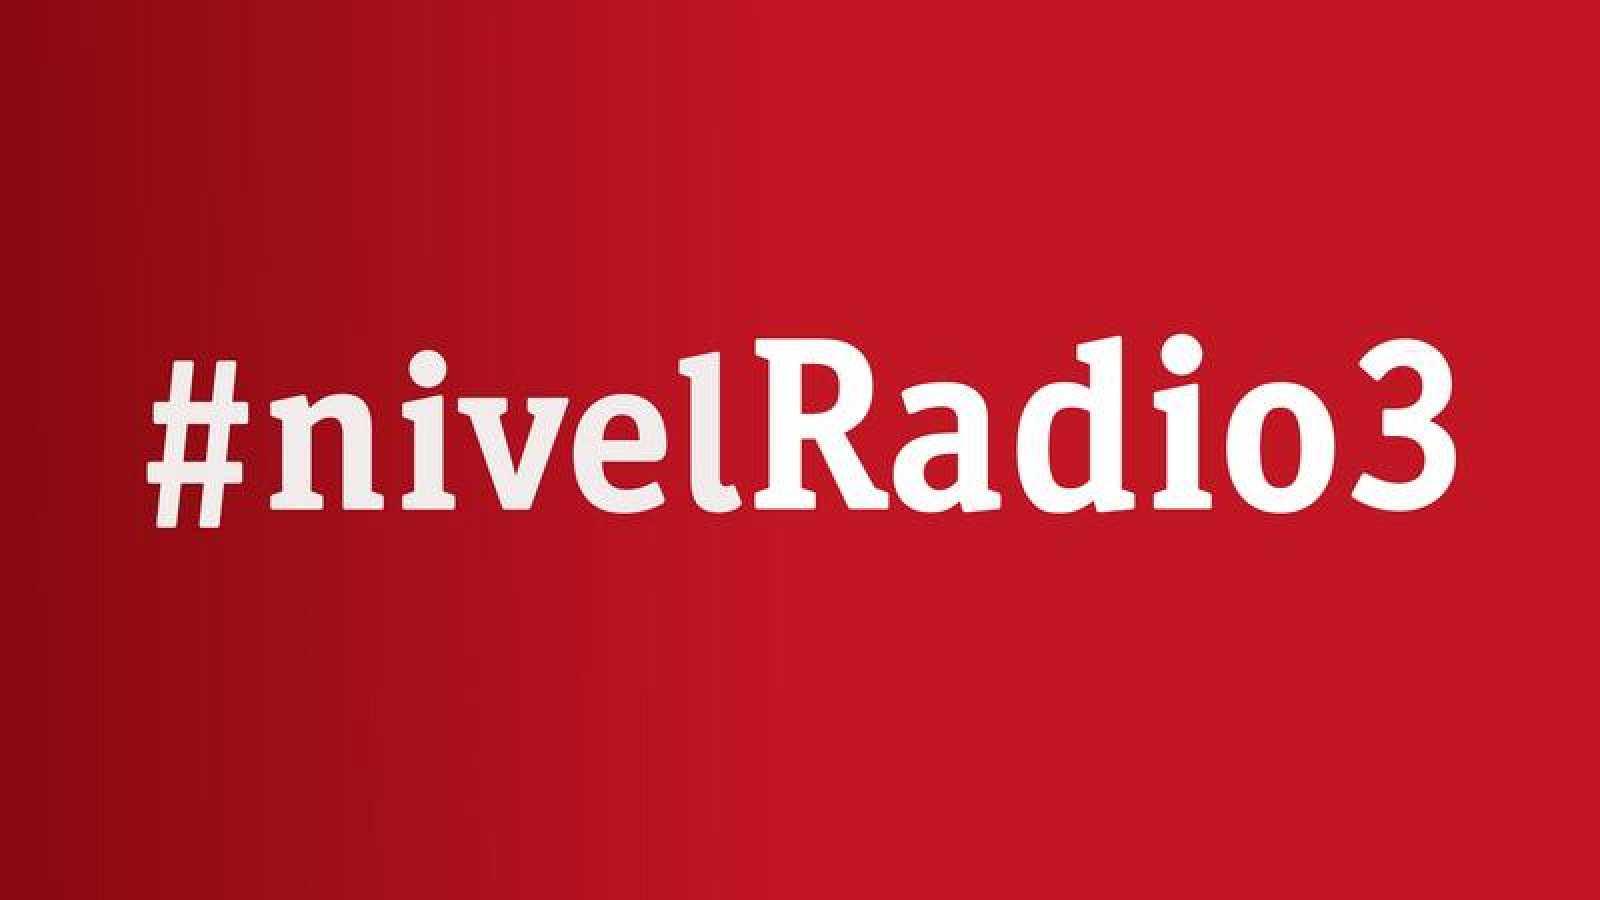 Nivel Radio 3: toda la cultura, toda la música, nunca la misma canción